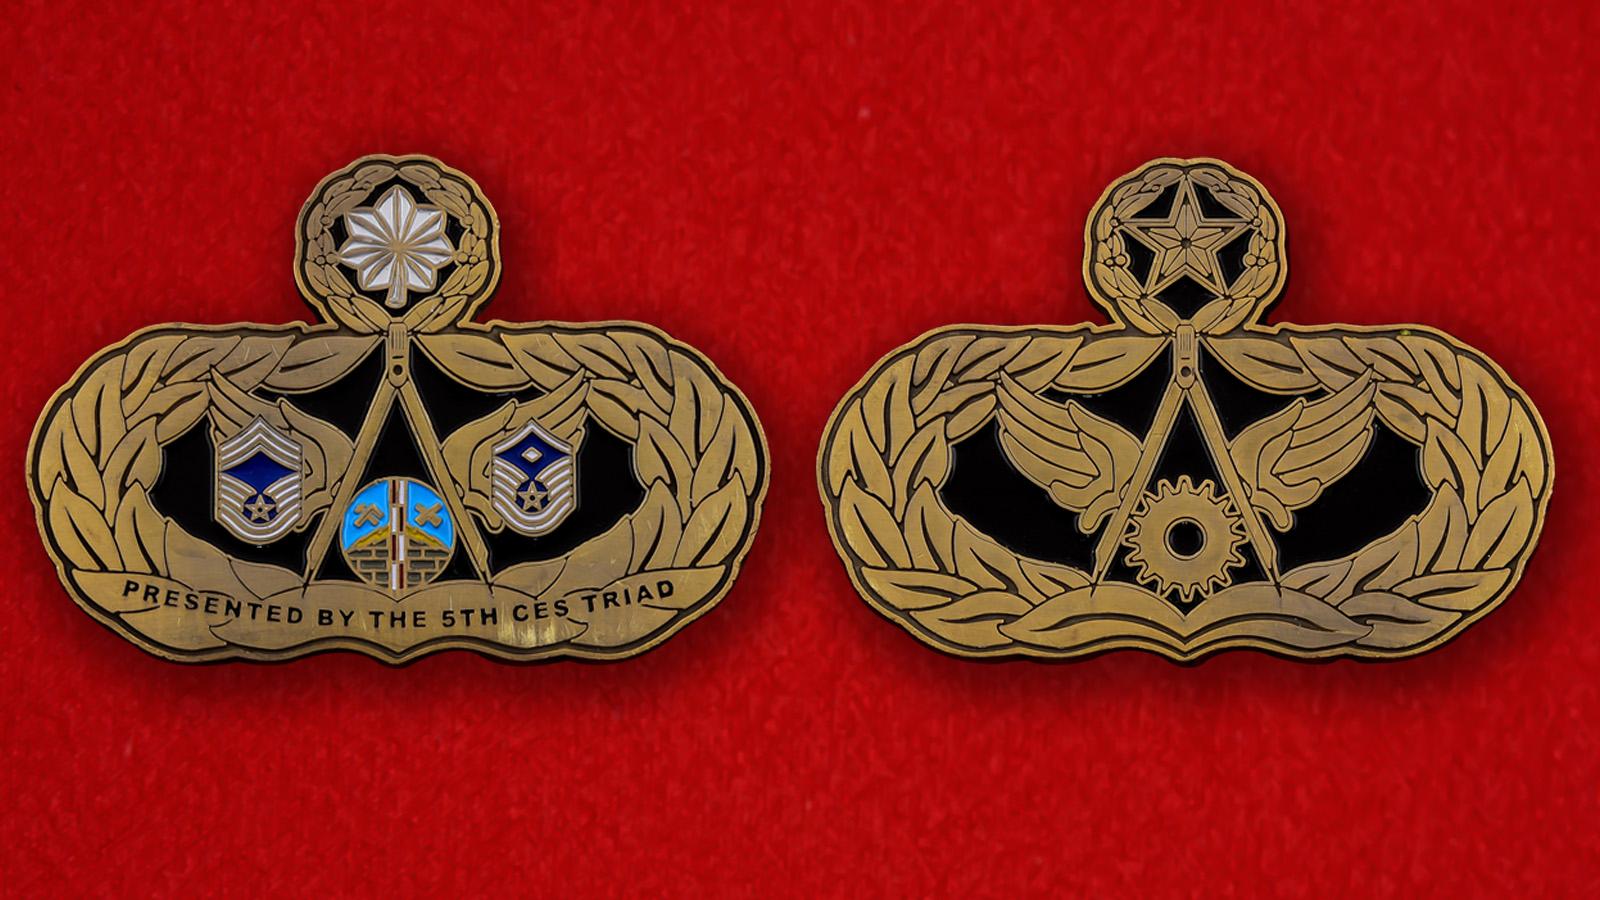 Челлендж коин 5-й Инженерно-технической эскадрильи авиабазы Майнот